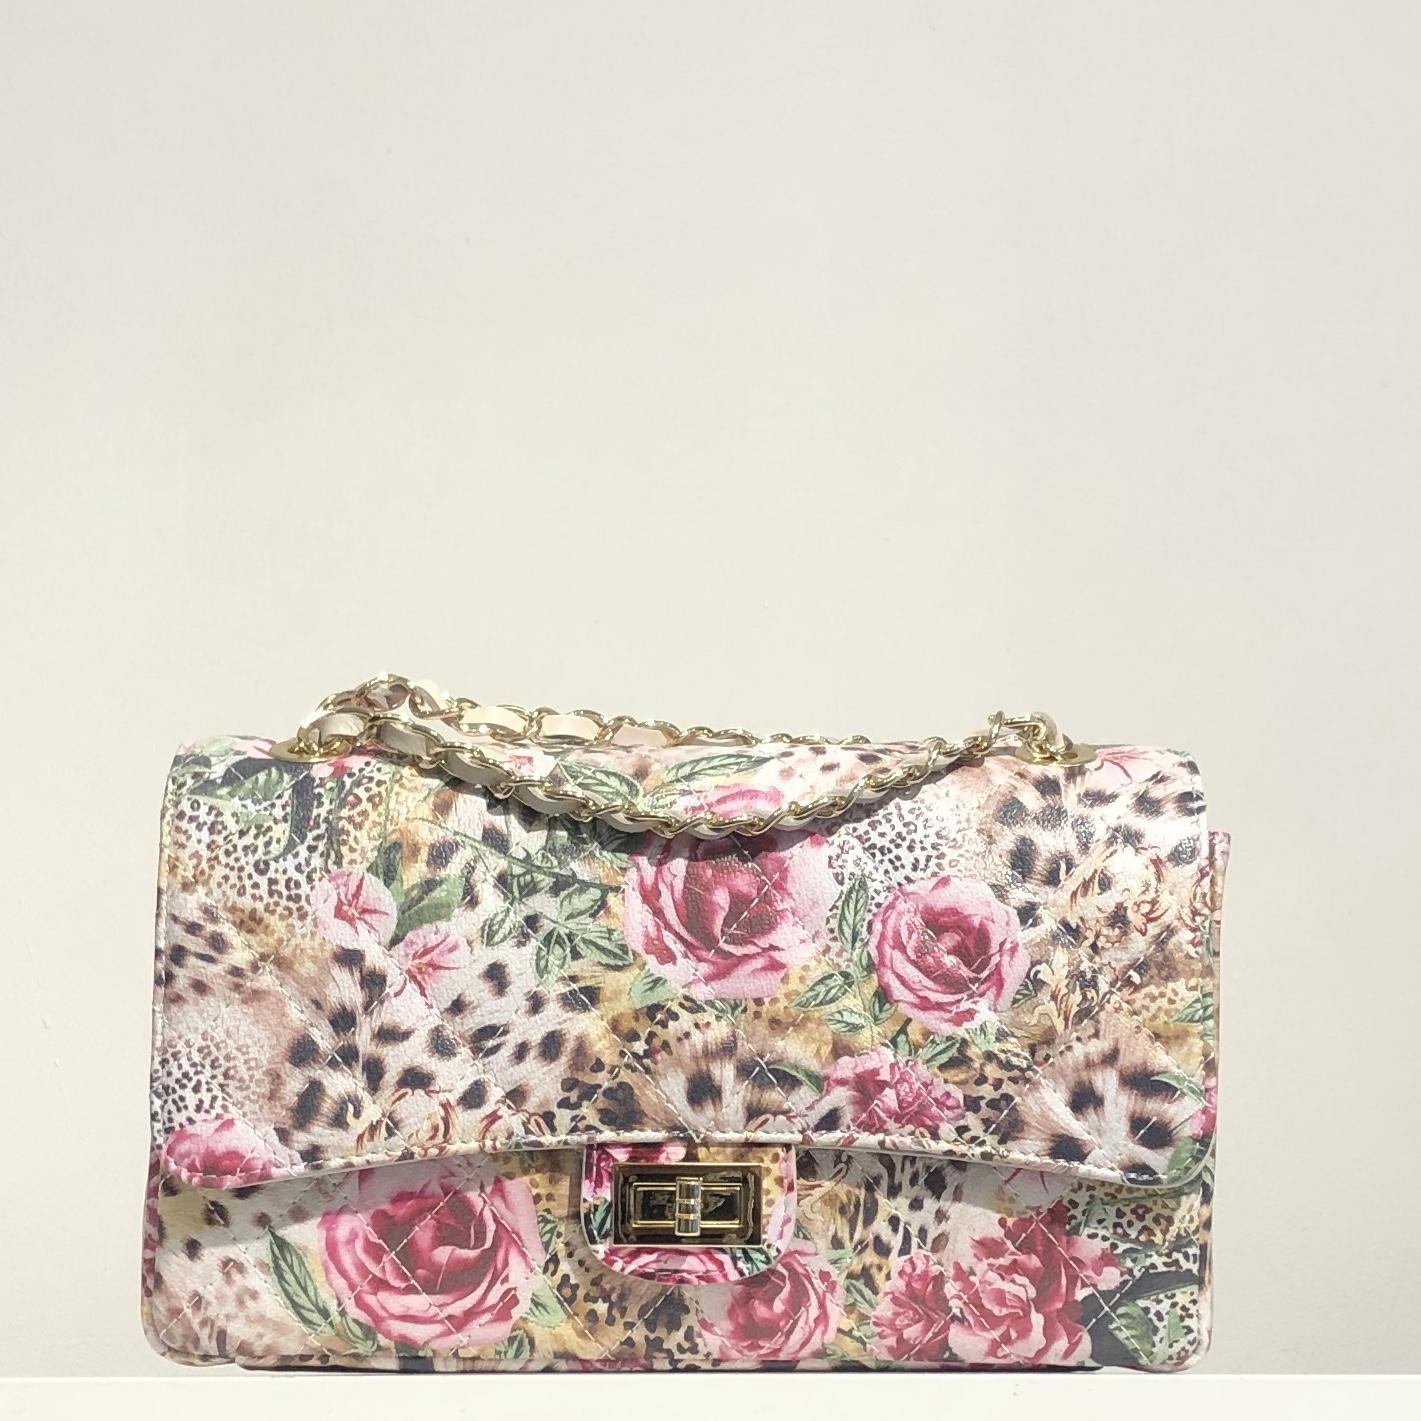 Bolso acolchado clasic estampado floral